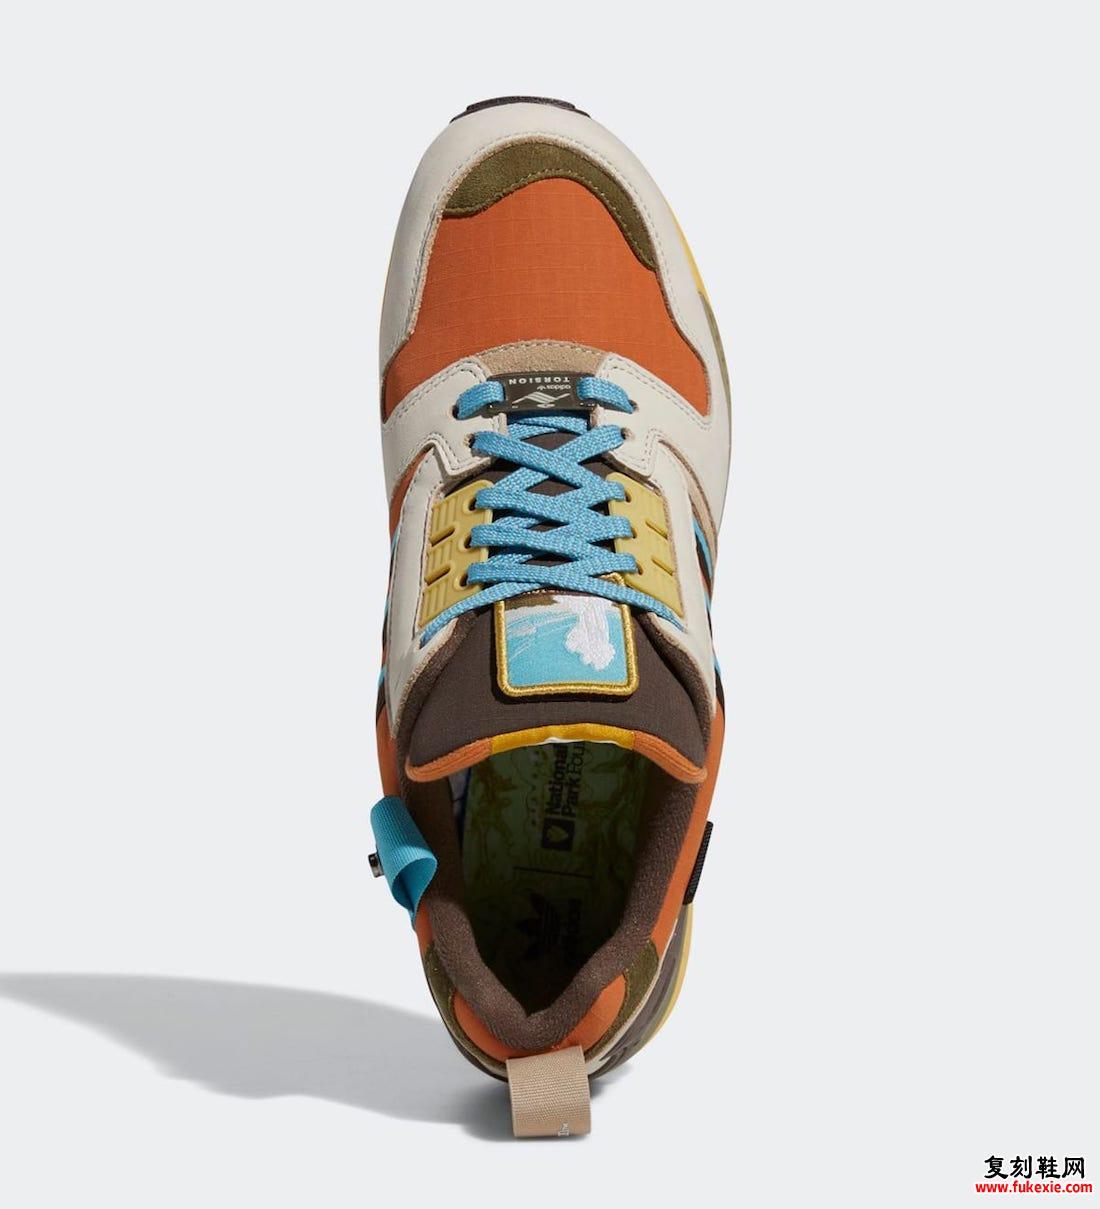 国家公园基金会adidas ZX 8000 Yellowstone FY5168发售日期信息